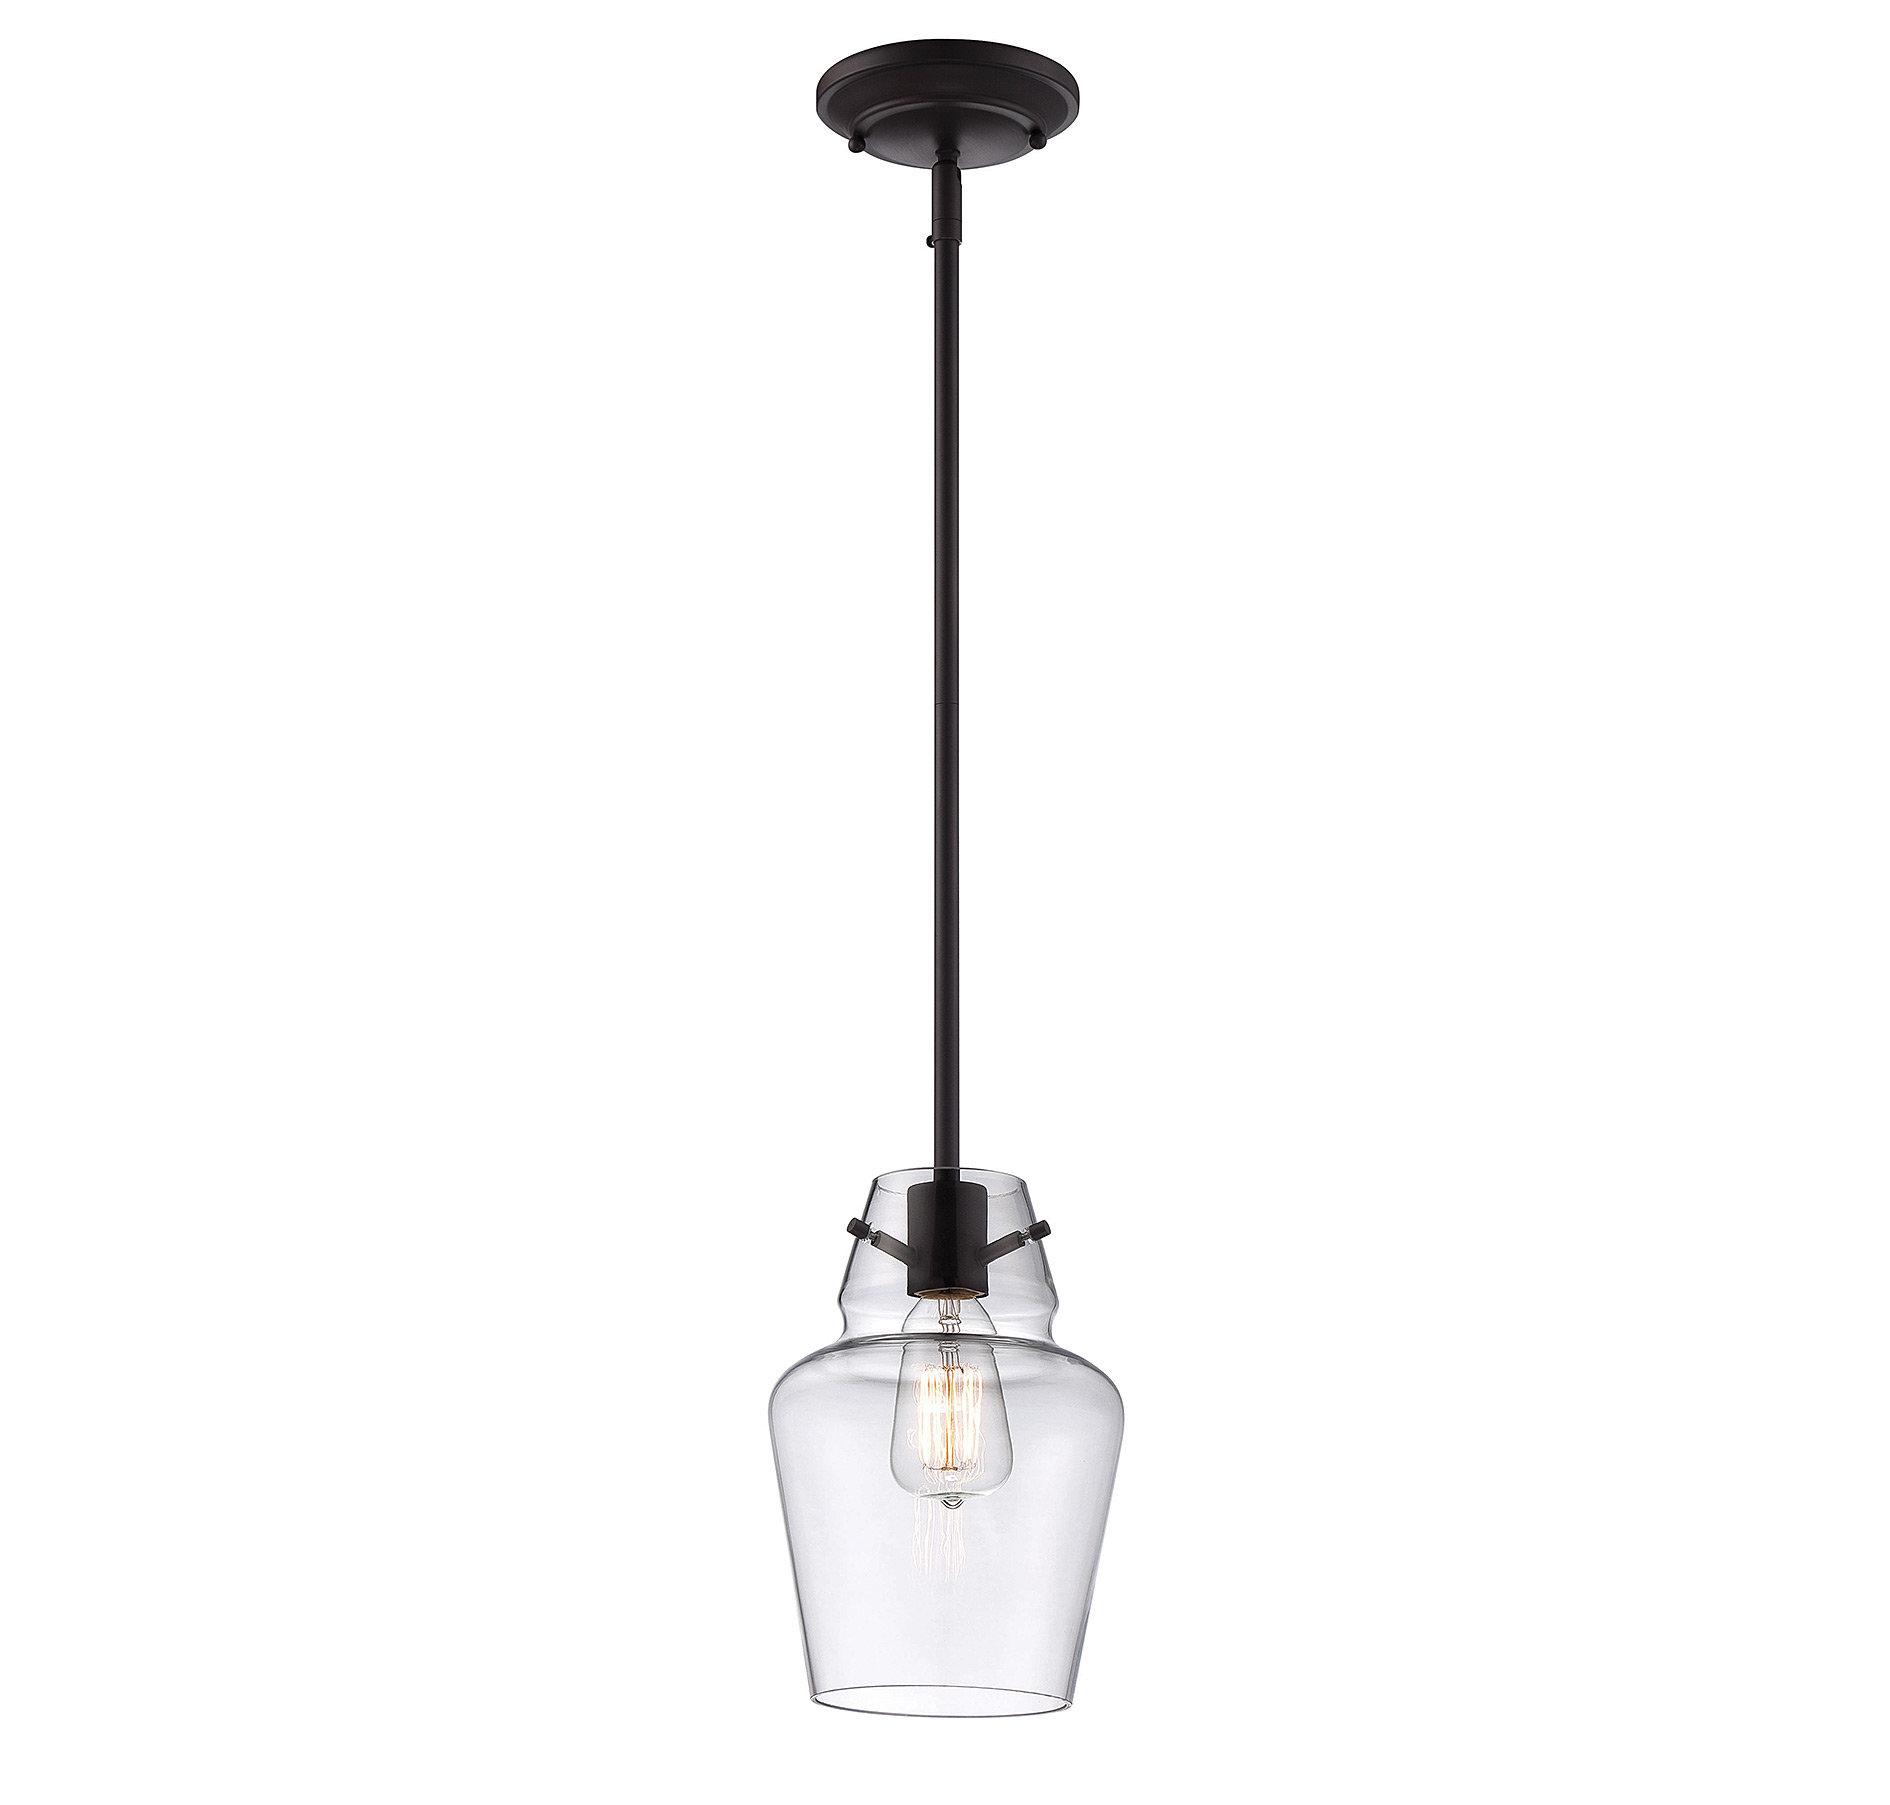 Roslindale 1 Light Single Bell Pendant Pertaining To Erico 1 Light Single Bell Pendants (View 7 of 30)